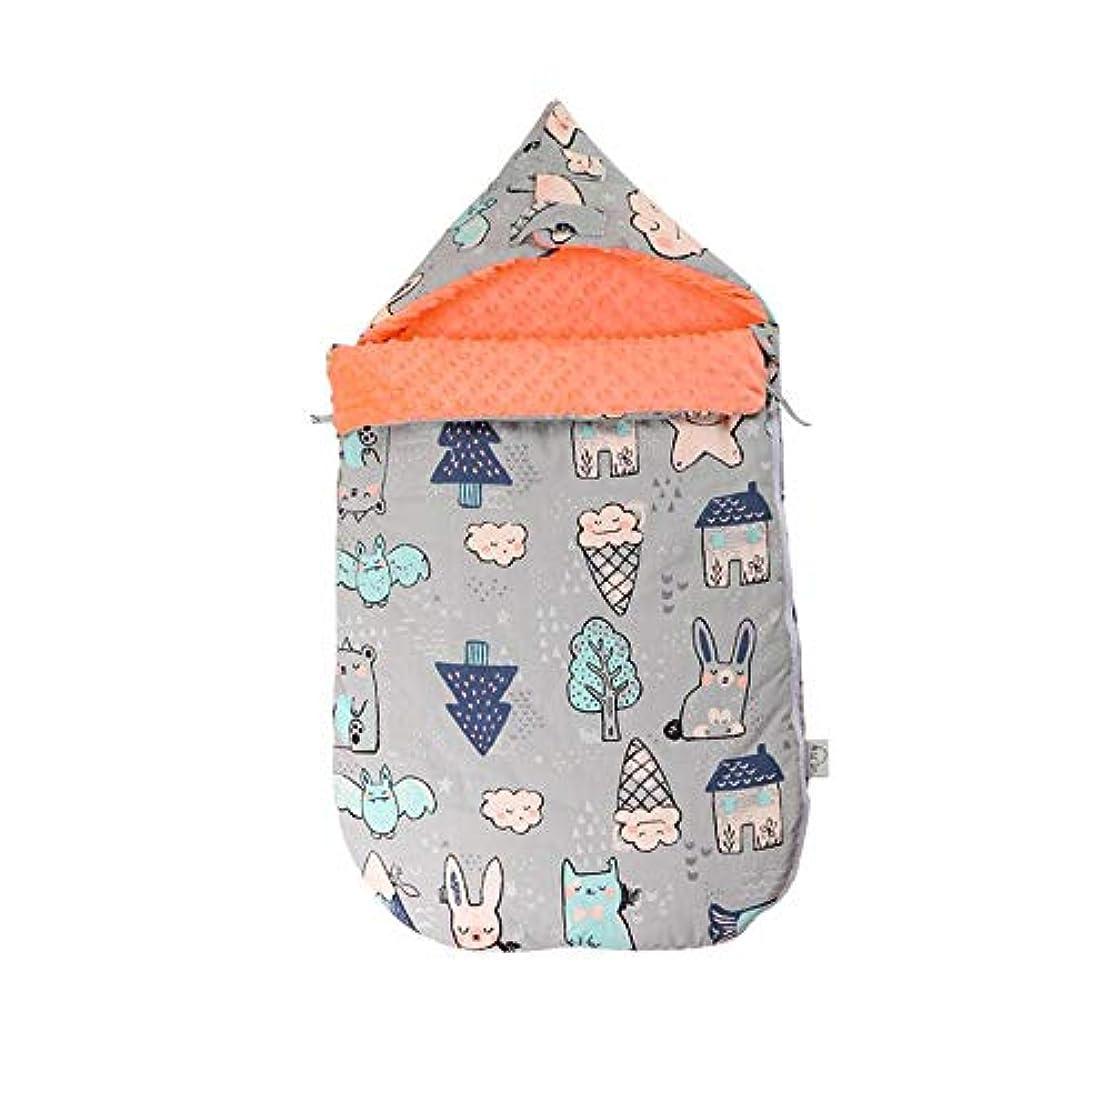 発見する新年愛されし者ベビーコットン寝袋、秋と冬の屋外屋外防寒デュアルユース新生児暖かい寝袋を厚く